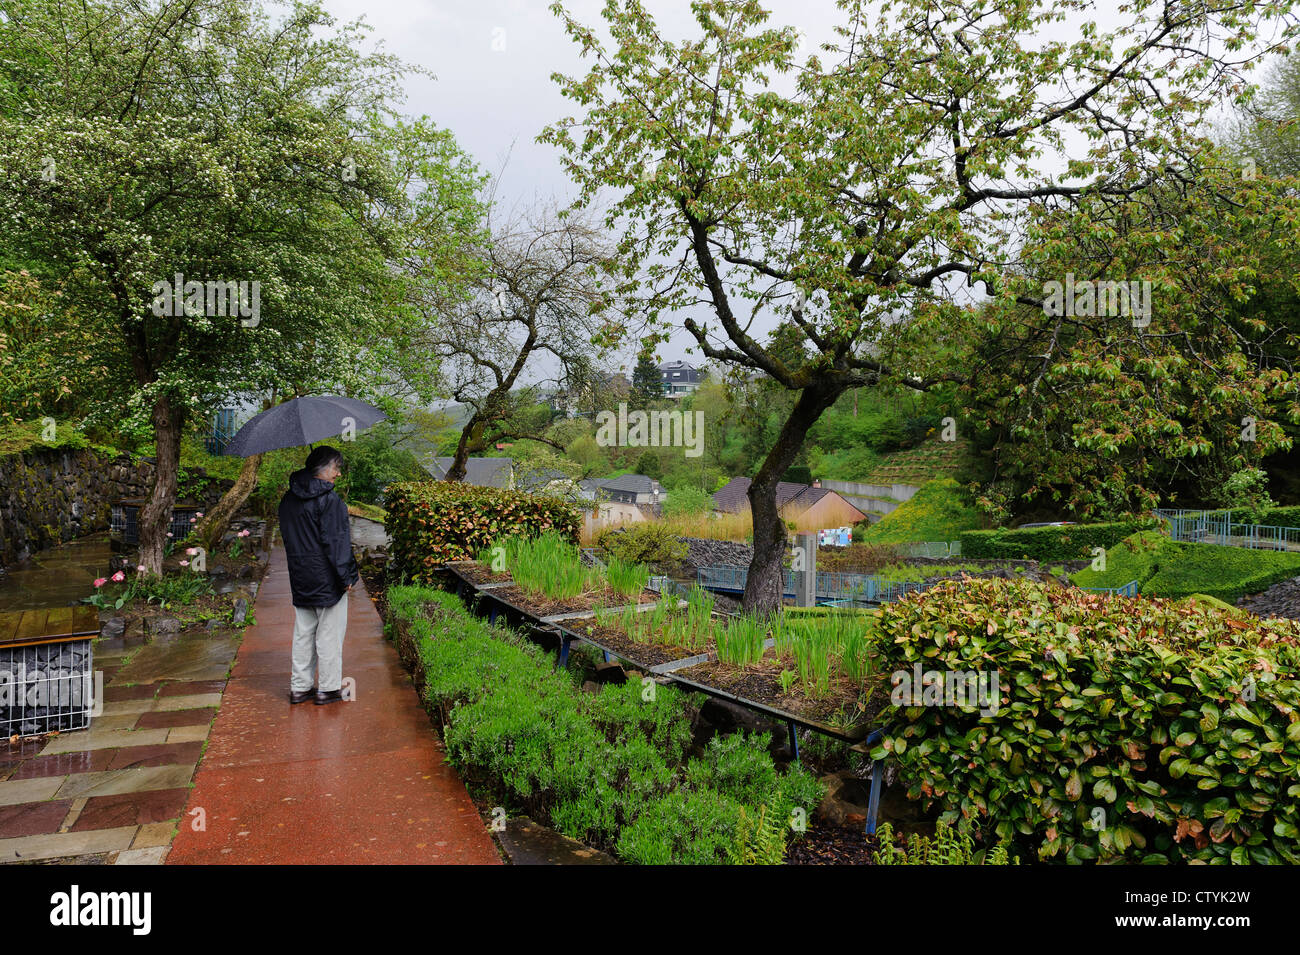 Park Jardin de Wiltz, Luxembourg - Stock Image